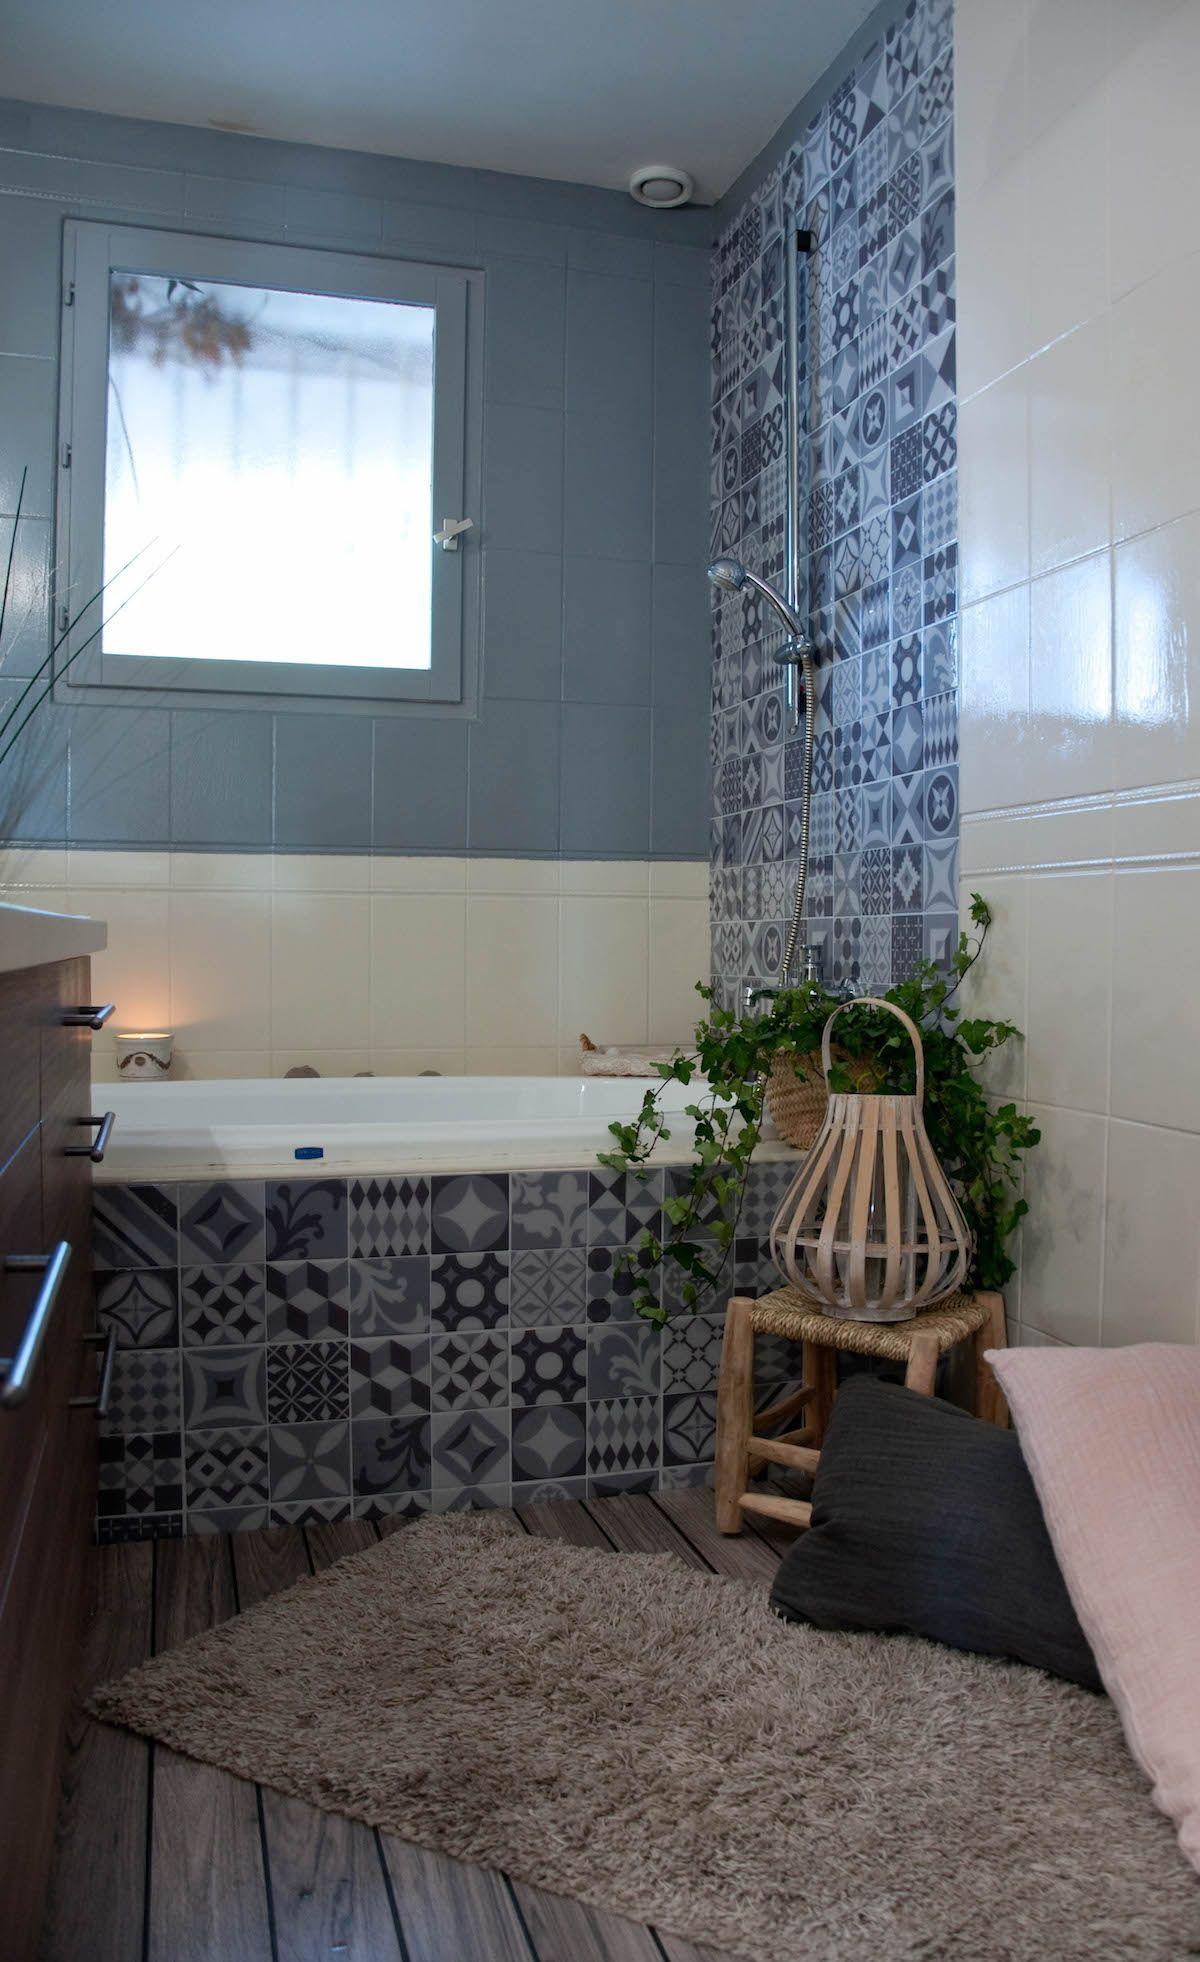 Accessoire Salle De Bain ~ Nouveaux Look Pour Une Salle De Bain Avec Les Carreaux Adh Sifs